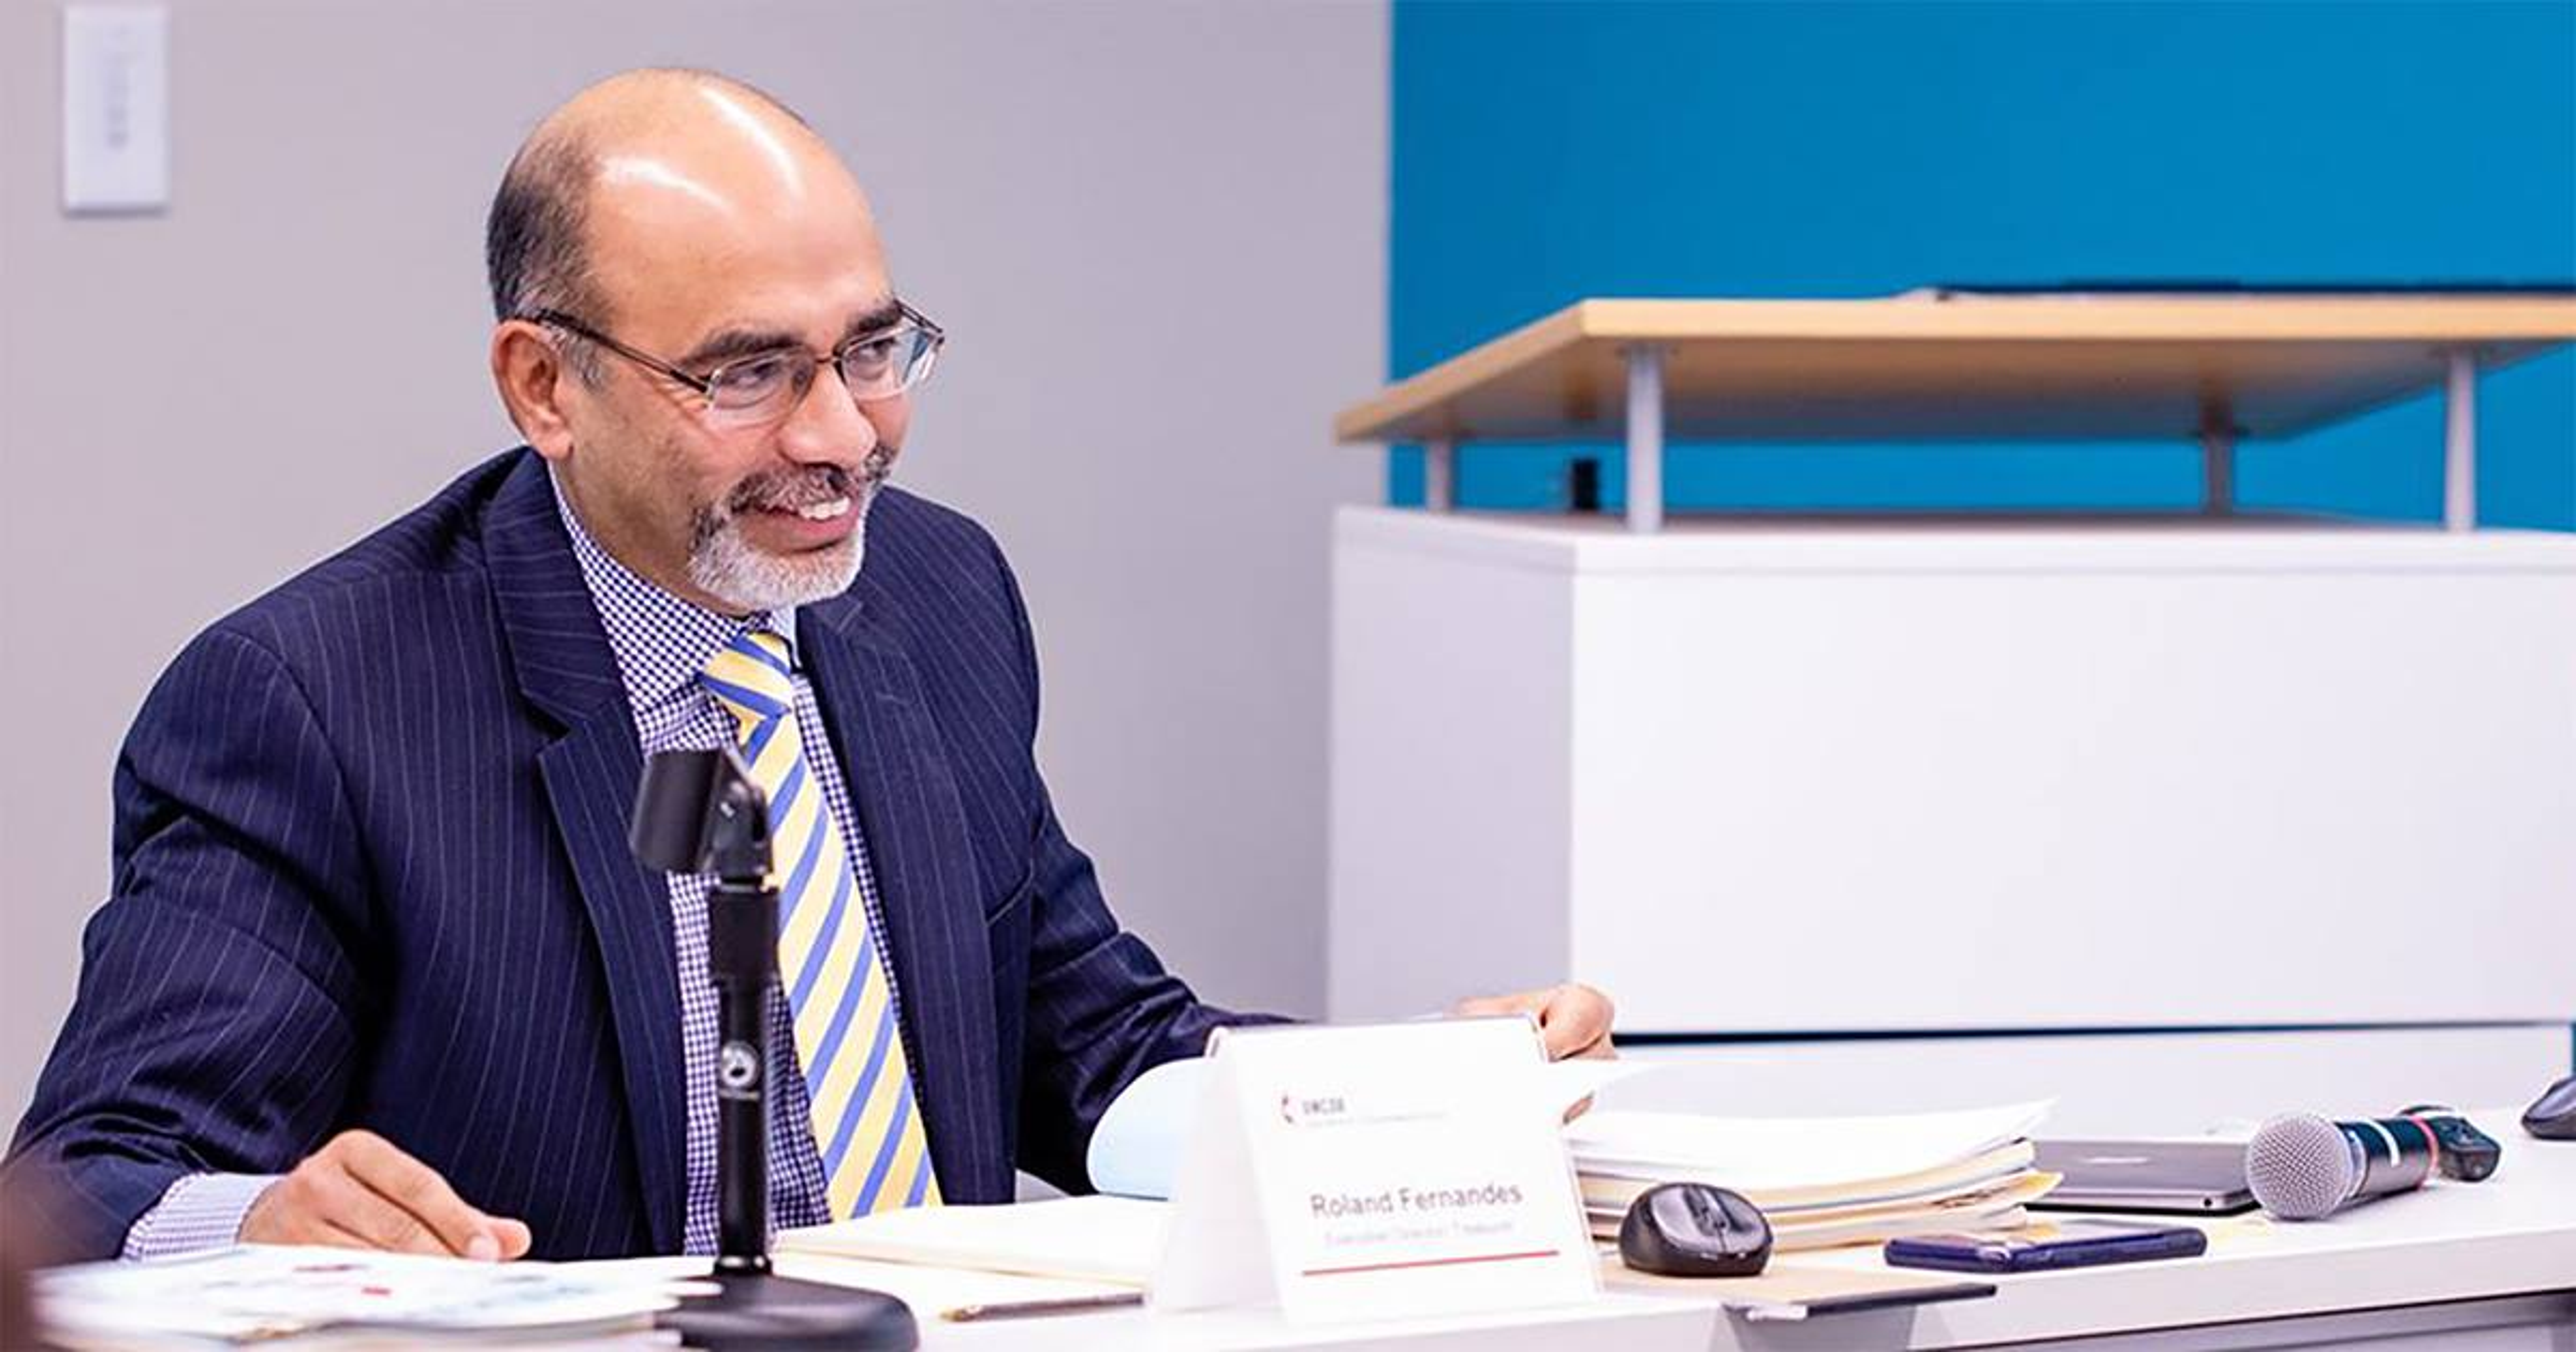 Roland Fernandes sucederá en el cargo a Thomas Kemper, quien ha servido durante una década y decidió no ir a la reelección. Foto cortesía de GBGM.